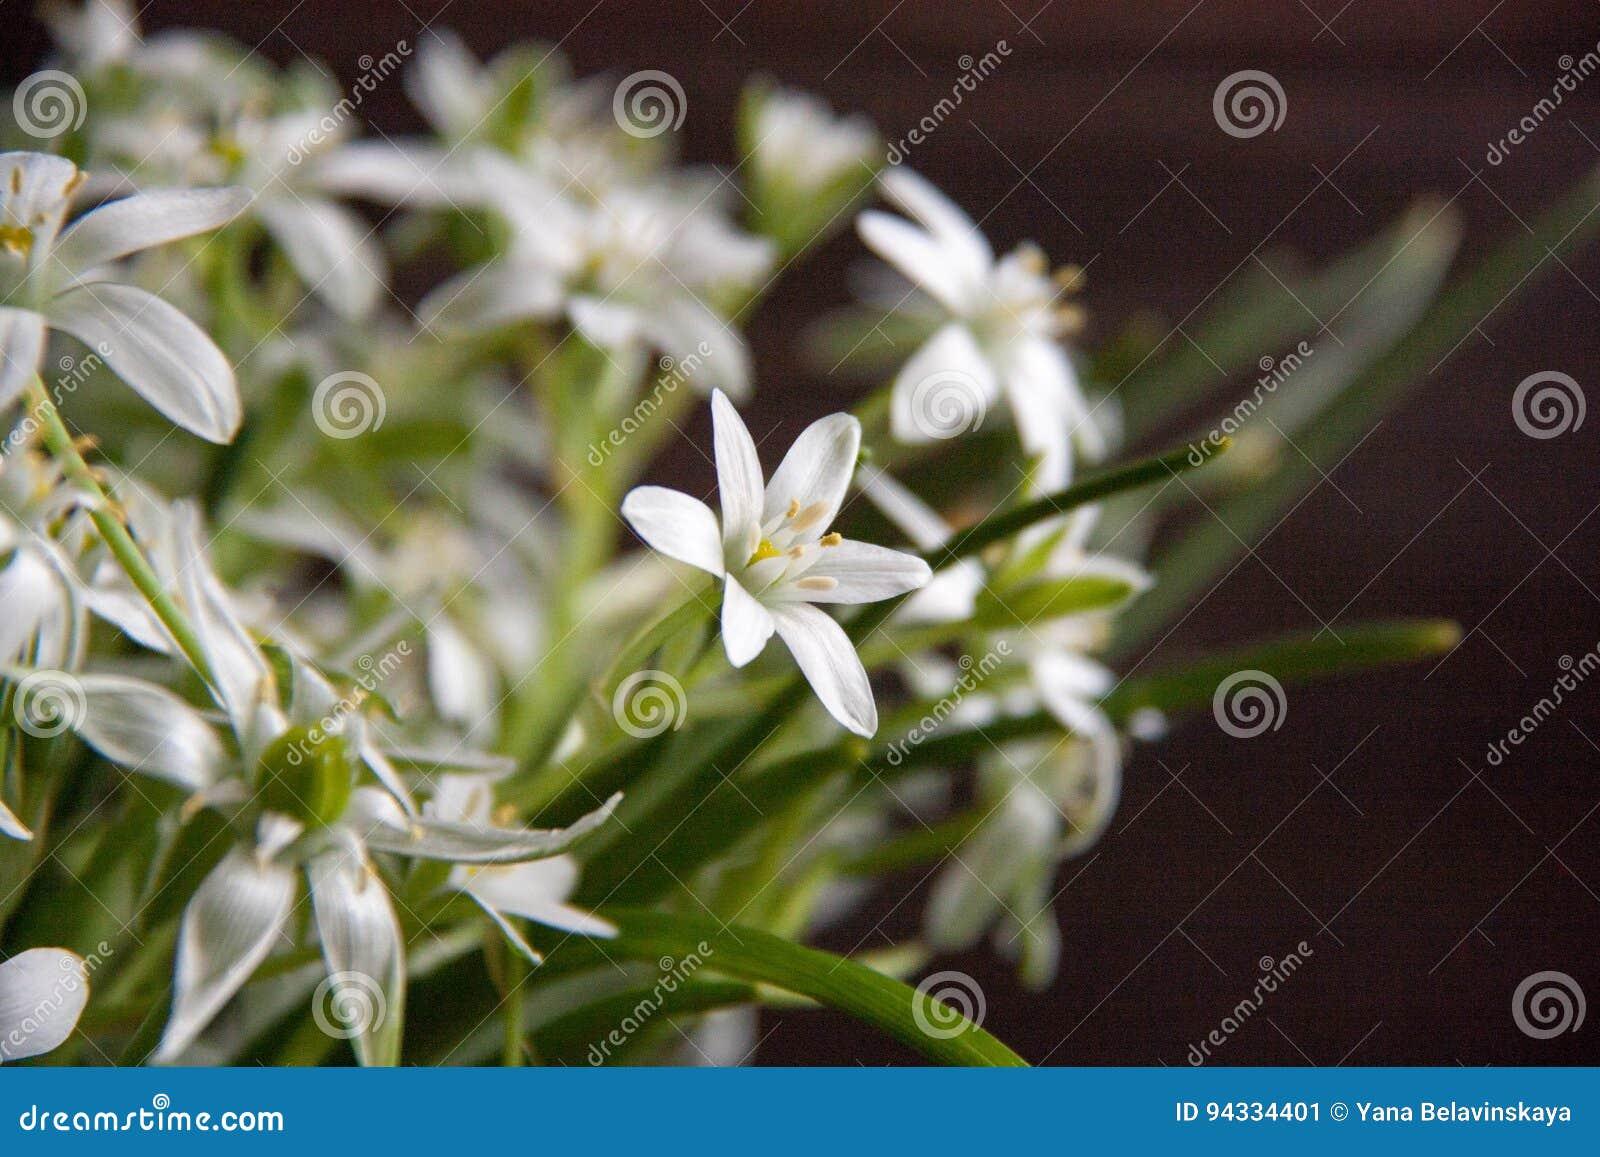 White flowers stock image image of good fragrance birdworm 94334401 birdworm ornithogalum or indian onion beautiful white flowers with pleasant fragrance mightylinksfo